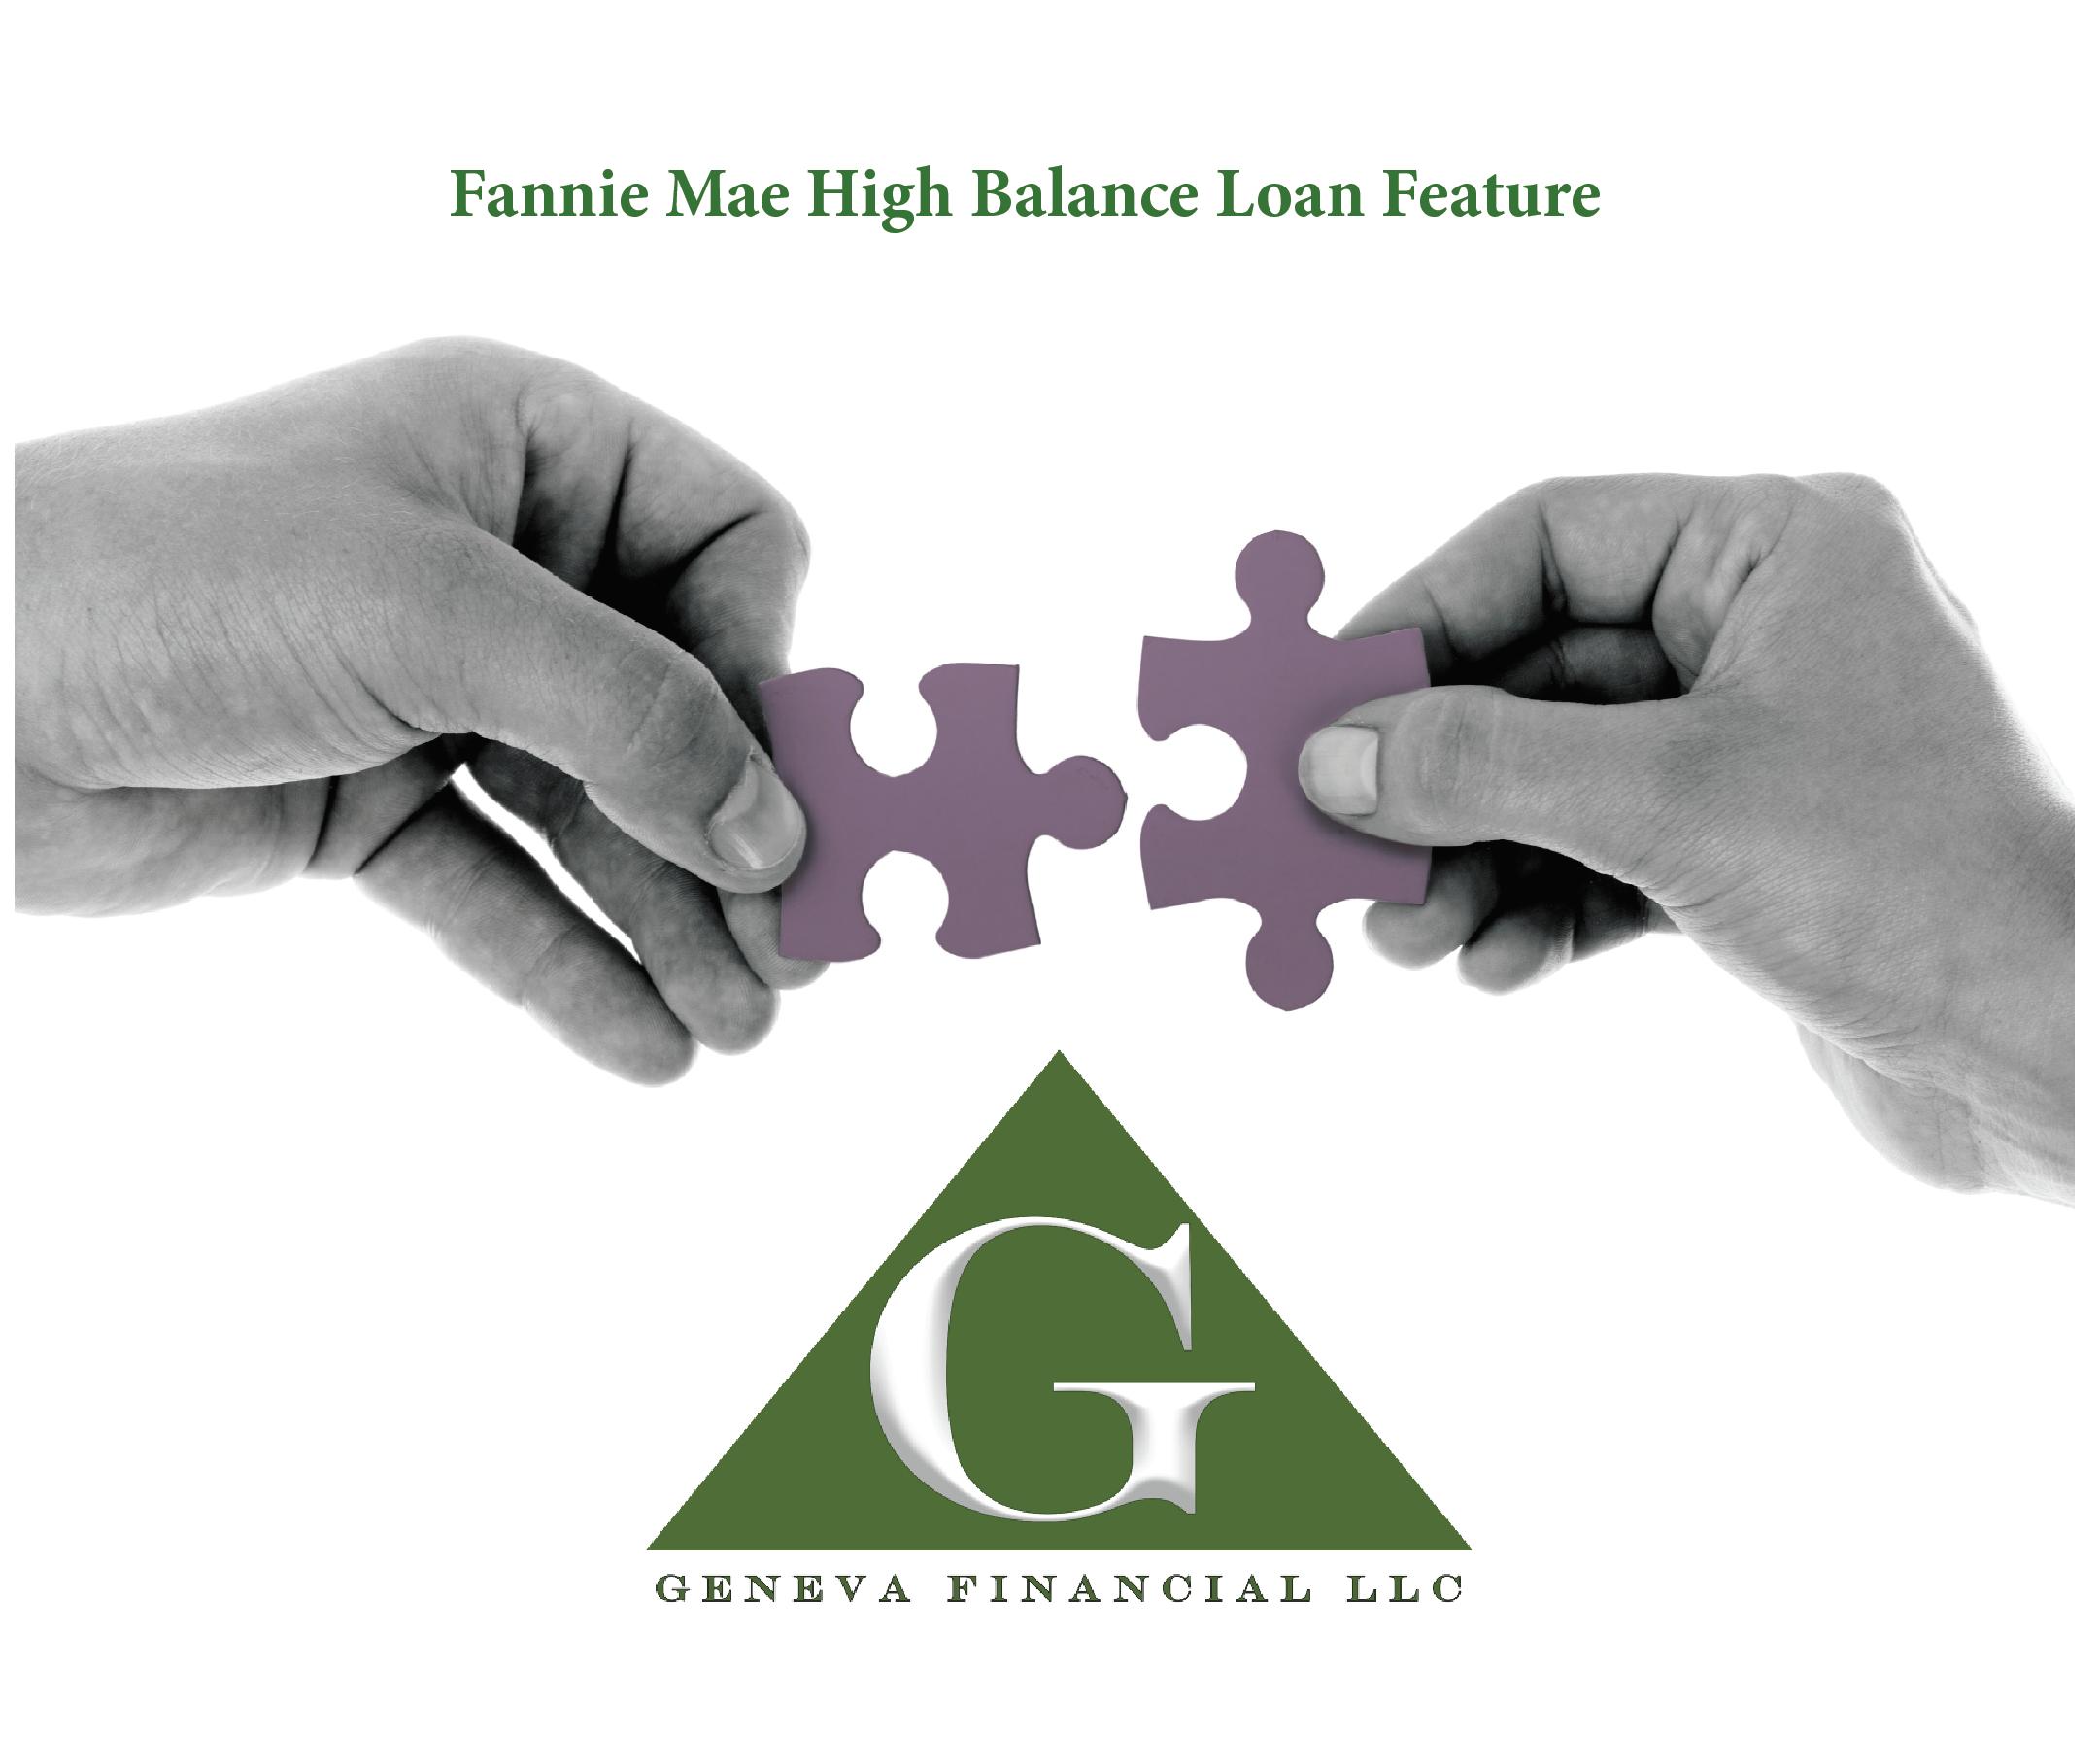 Fannie Mae High Balance Loan Feature